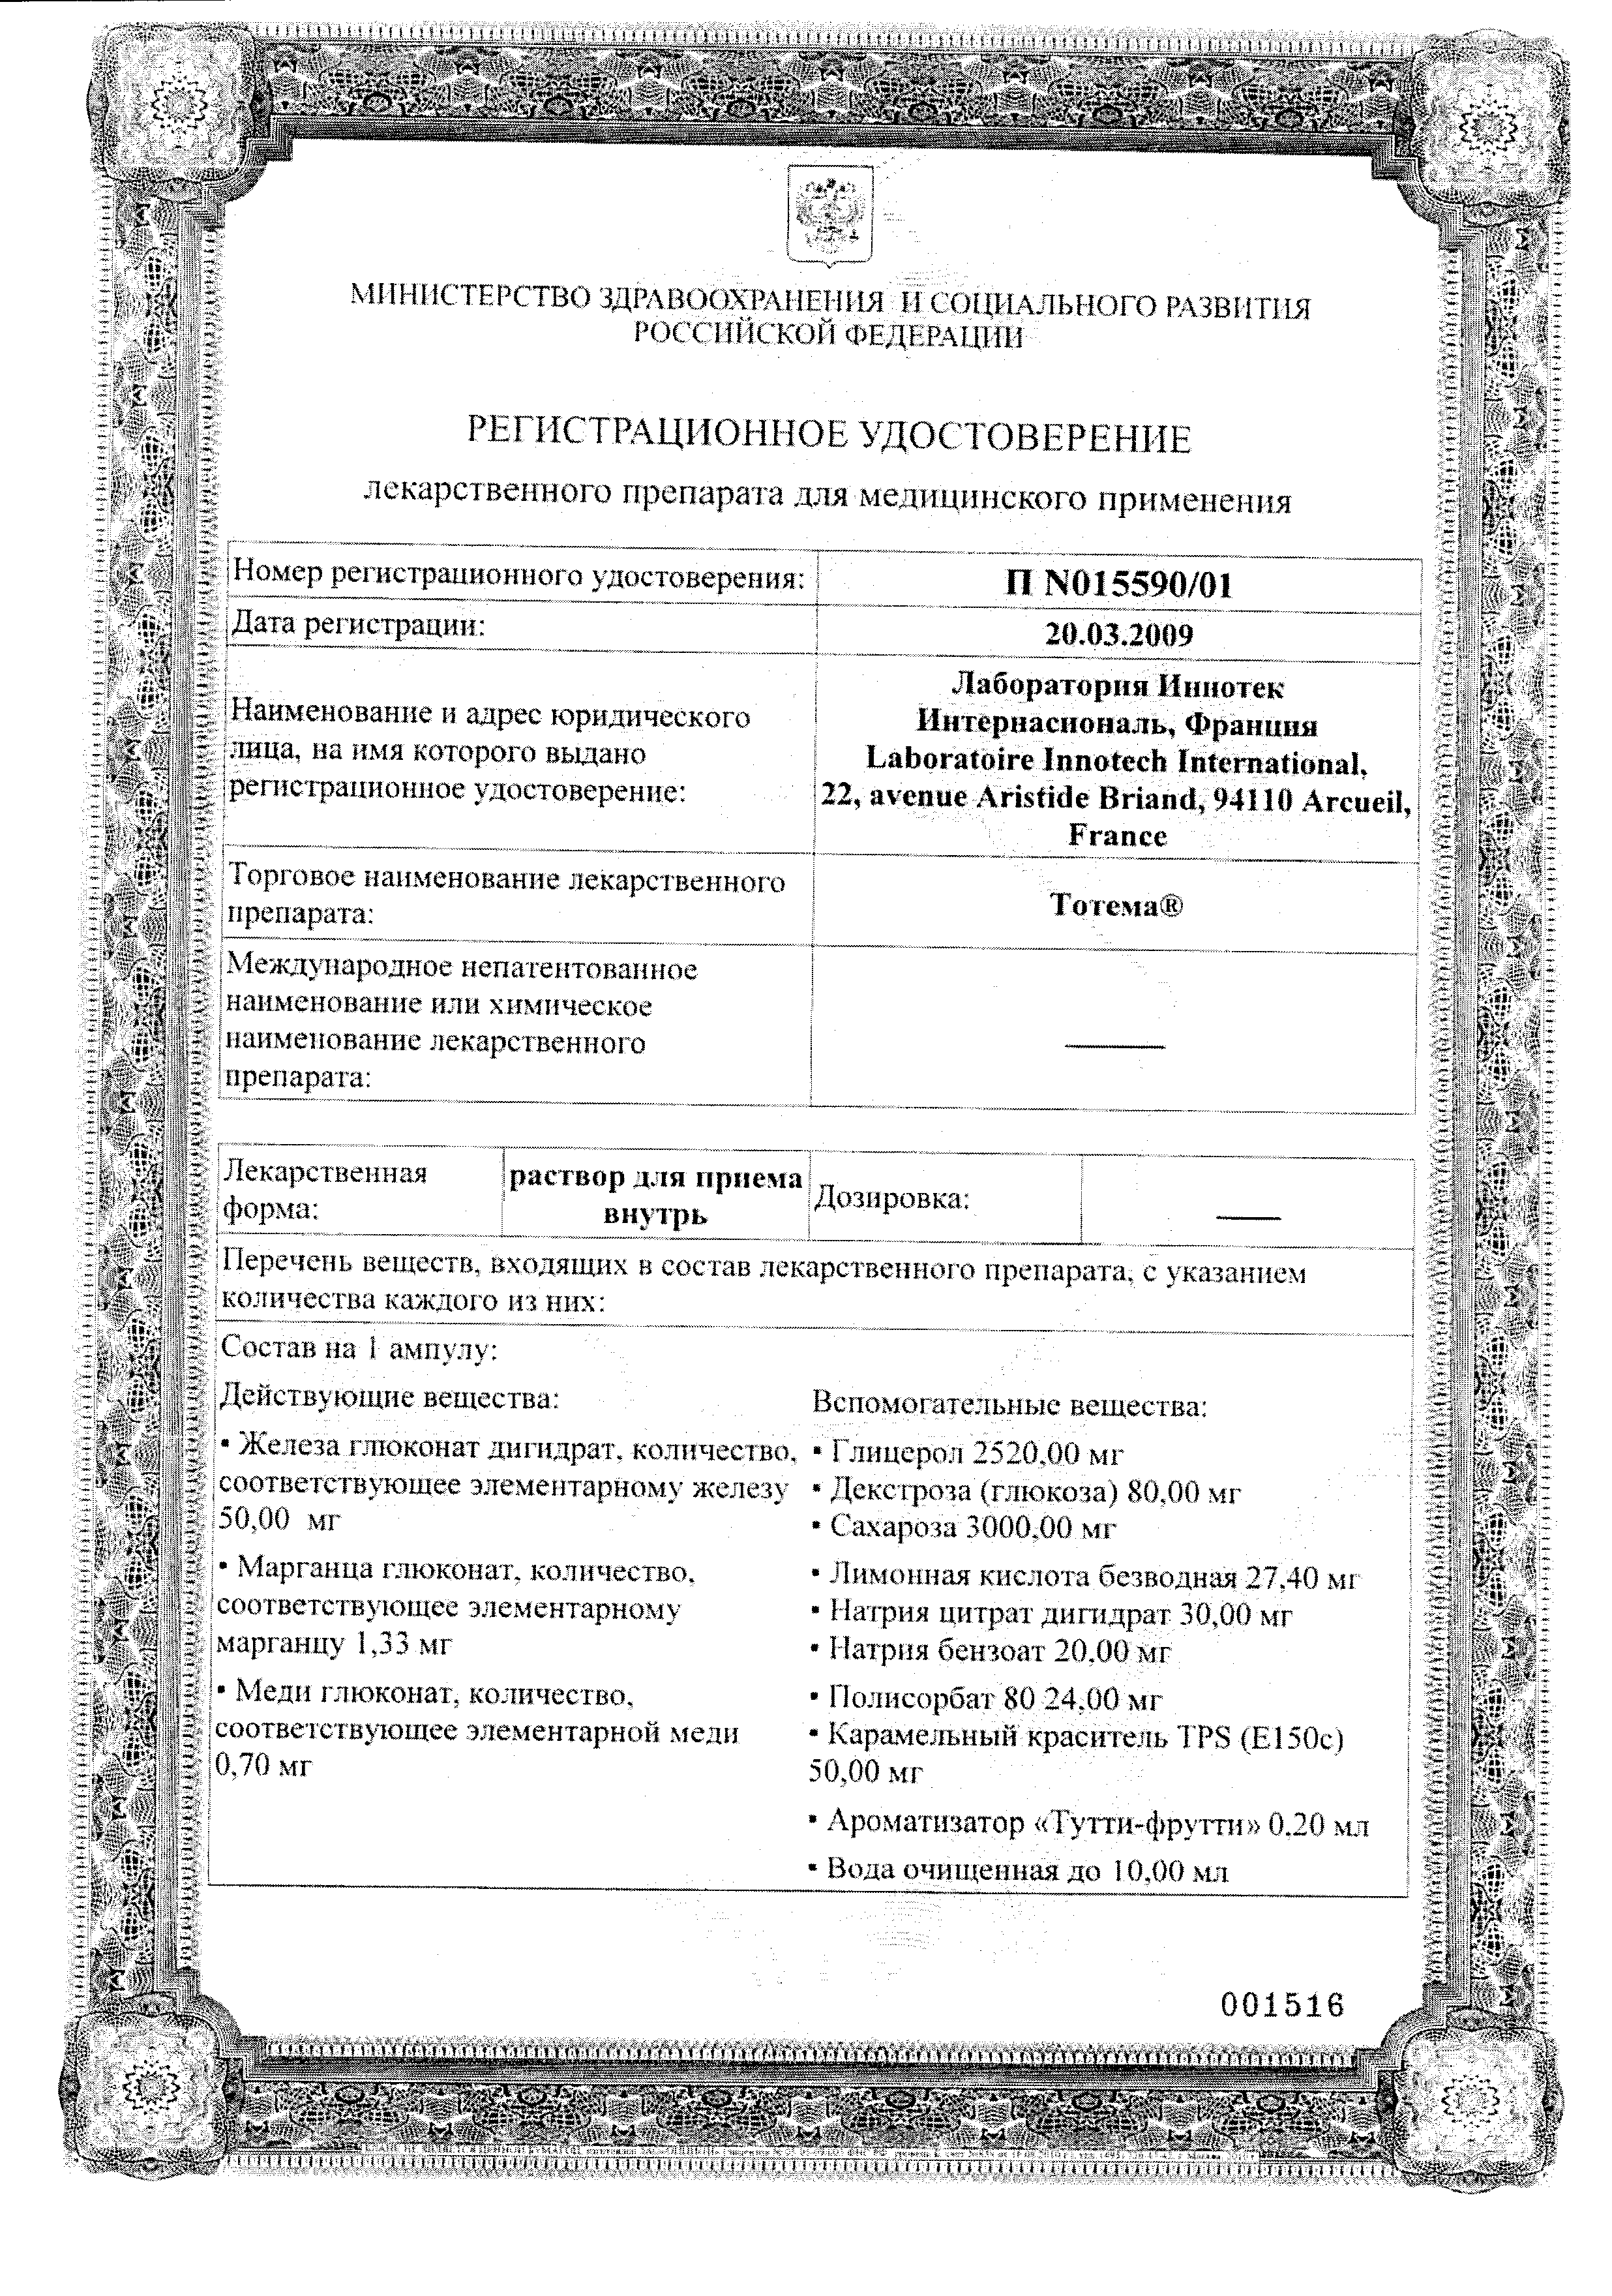 Тотема сертификат